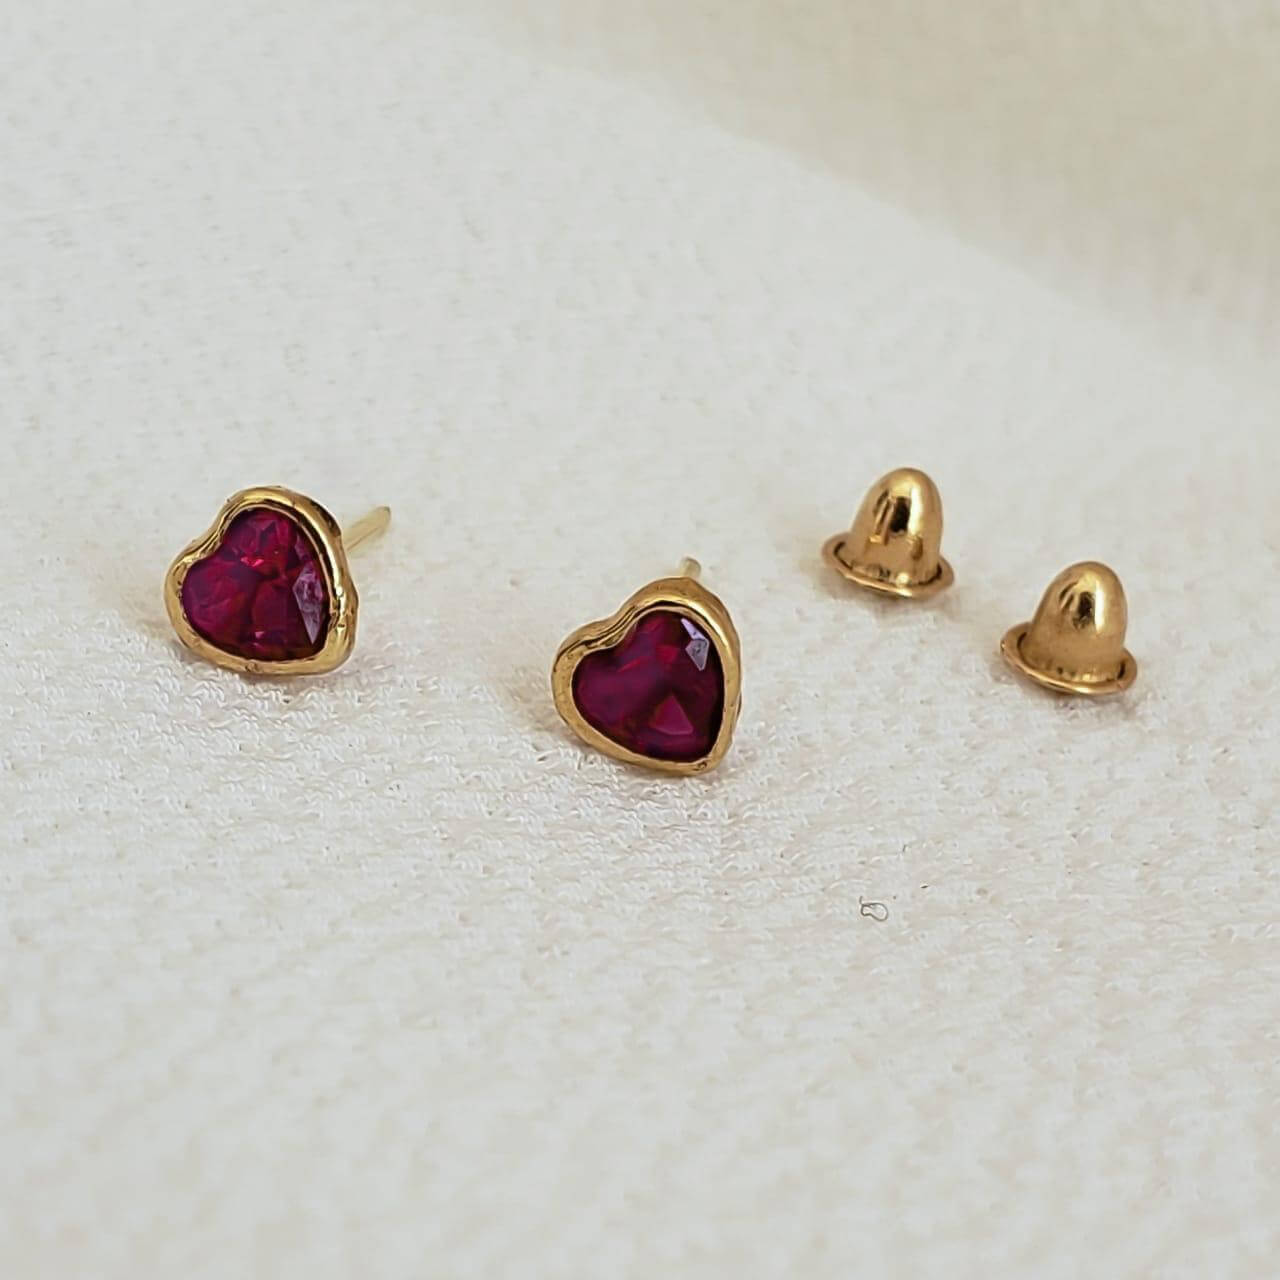 Brinco Coração Cristal em Ouro 18k Ruby Sintético